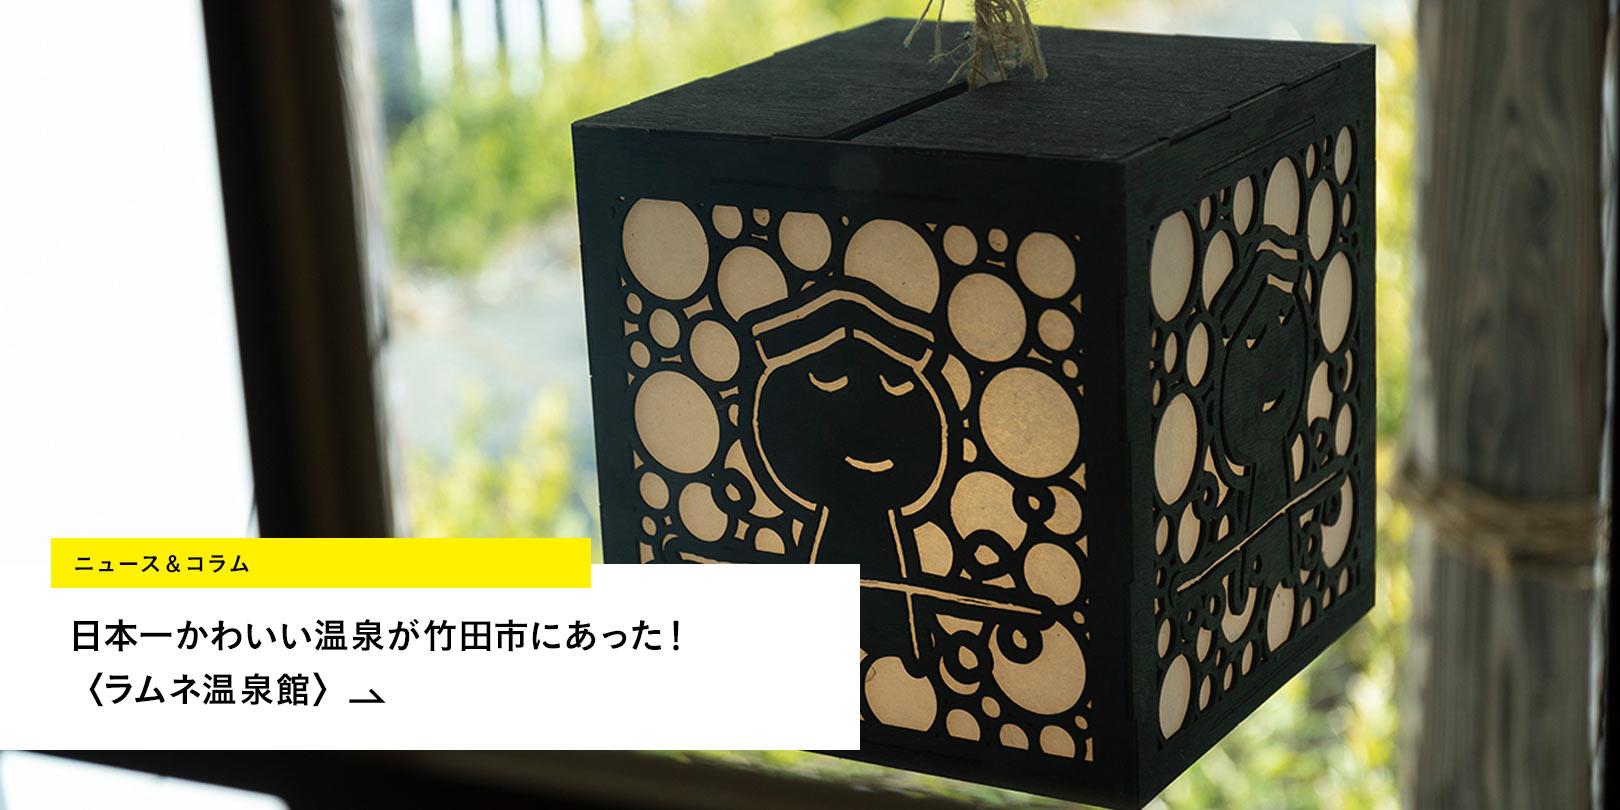 日本一かわいい温泉が竹田市にあった!〈ラムネ温泉館〉